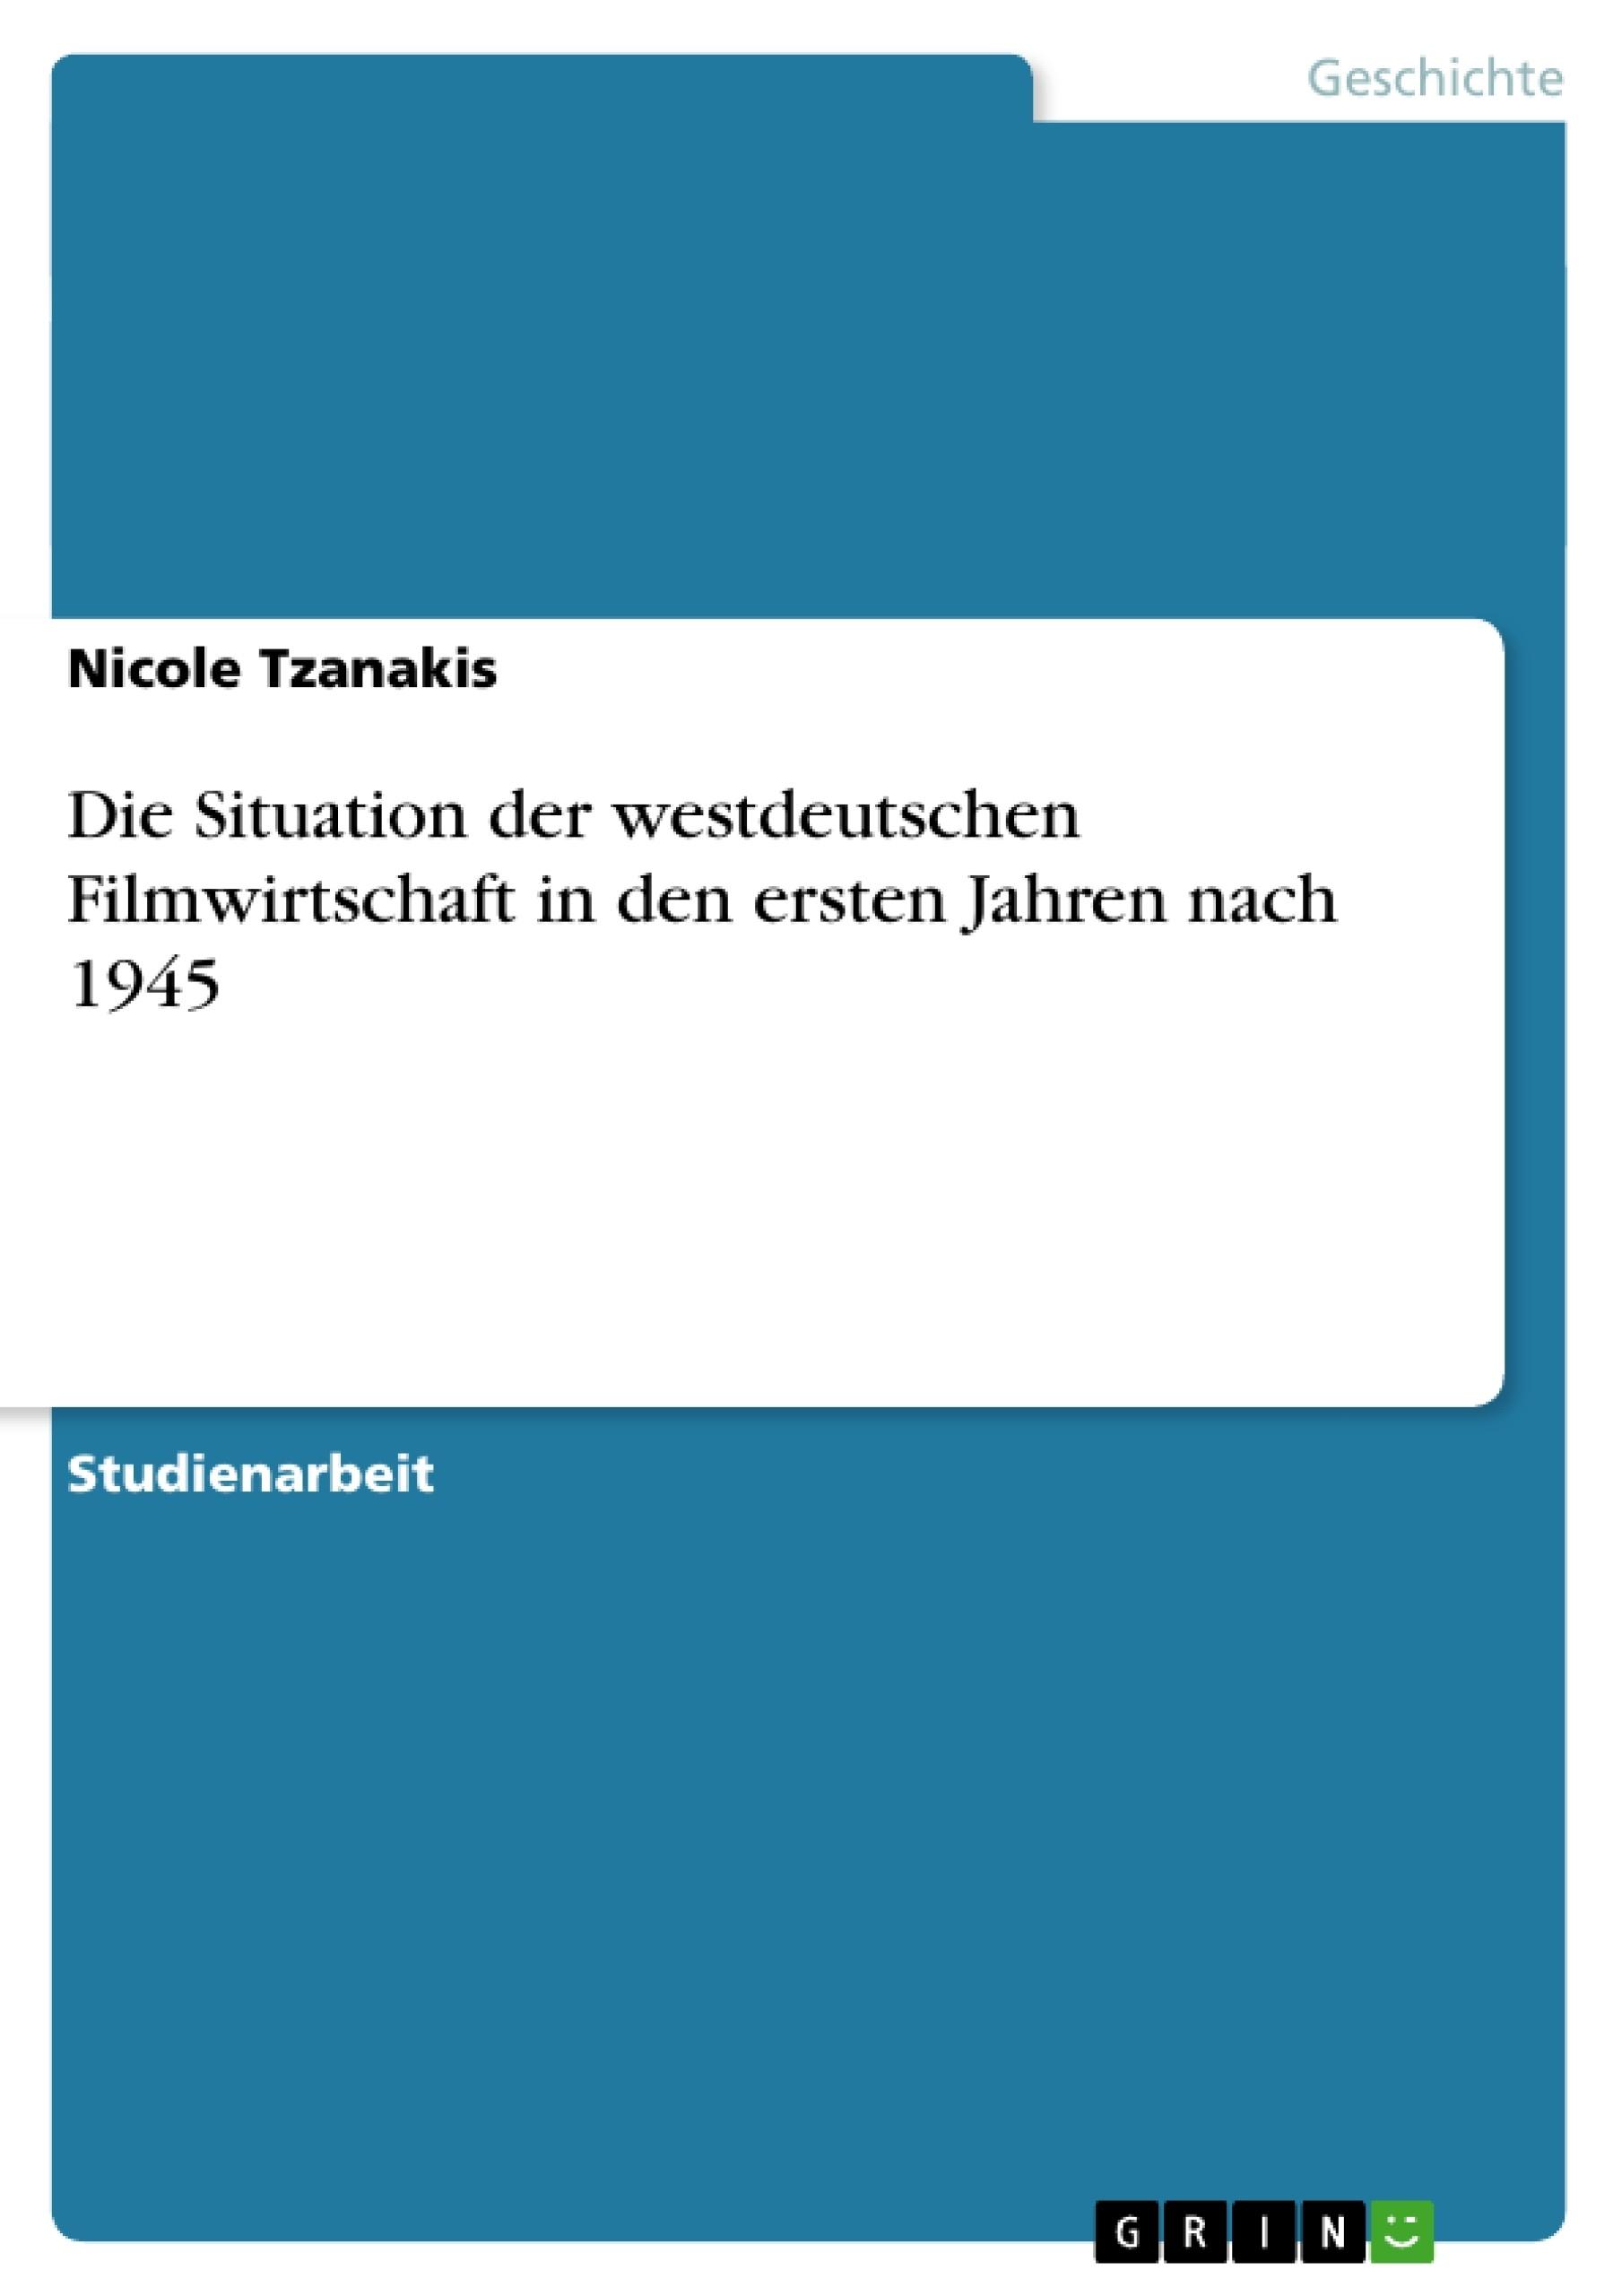 Titel: Die Situation der westdeutschen Filmwirtschaft in den ersten Jahren nach 1945